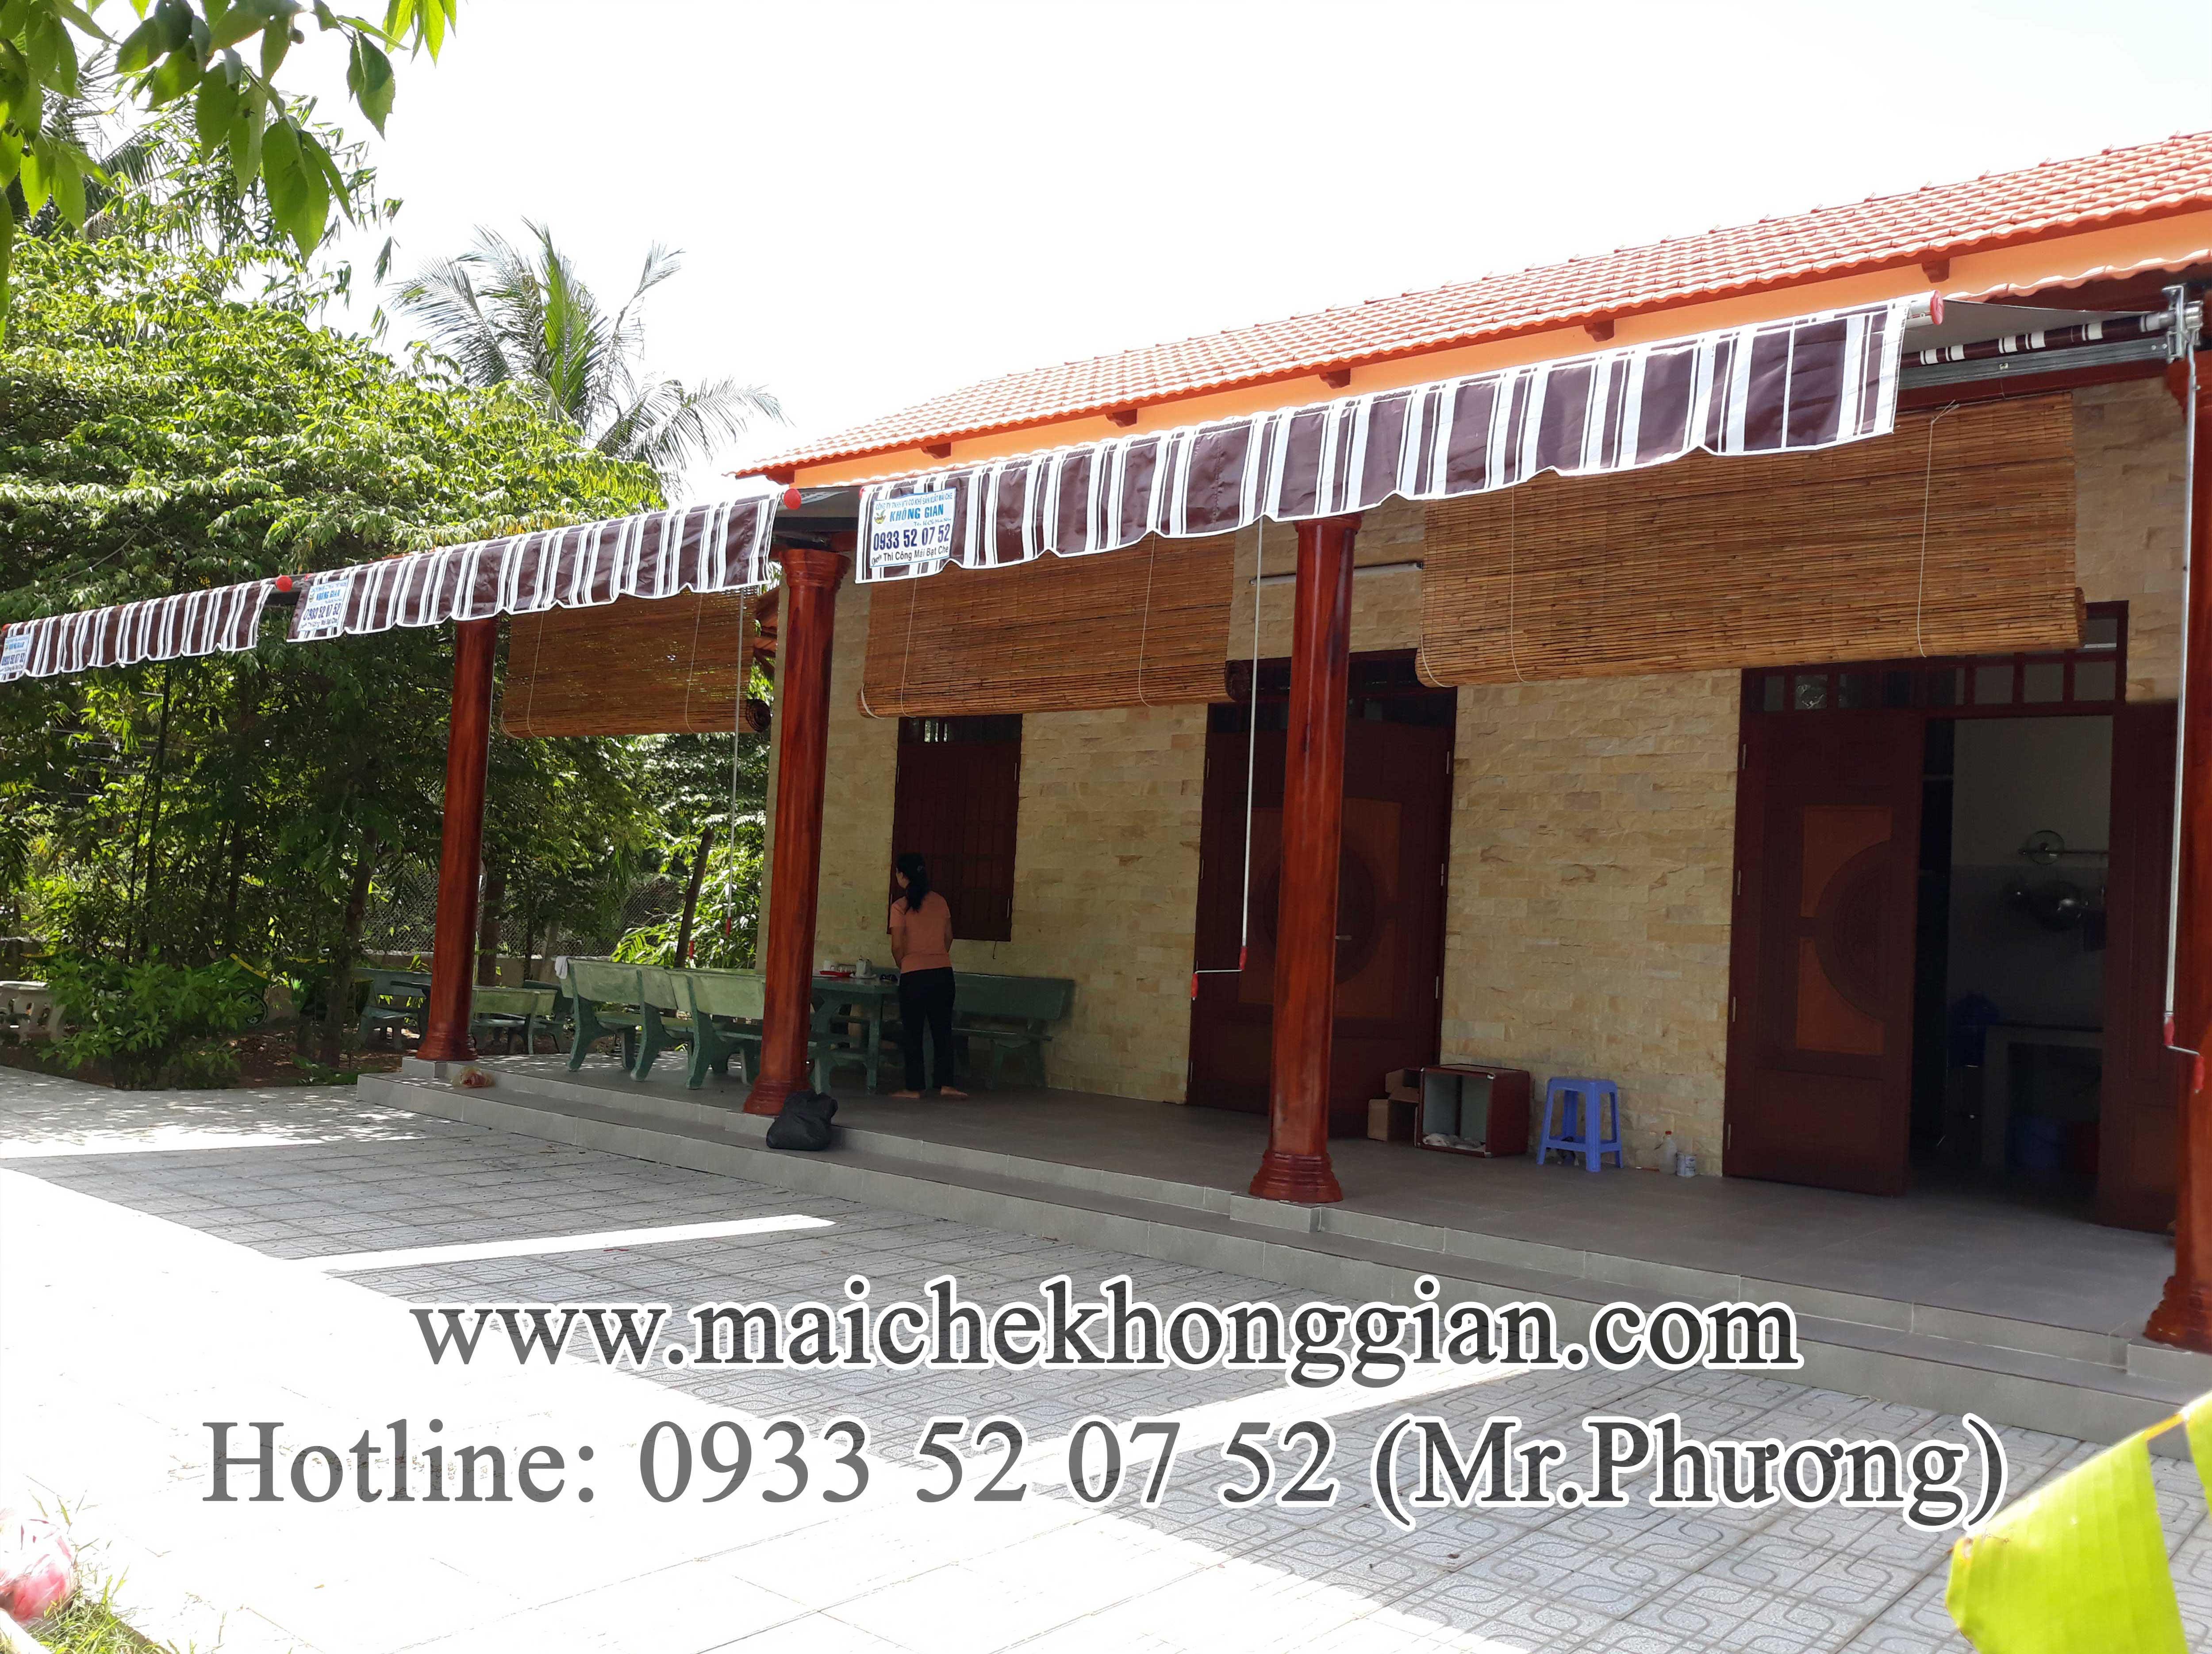 Mái Hiên Che Mưa Nắng Gò Công Tây Tiền Giang